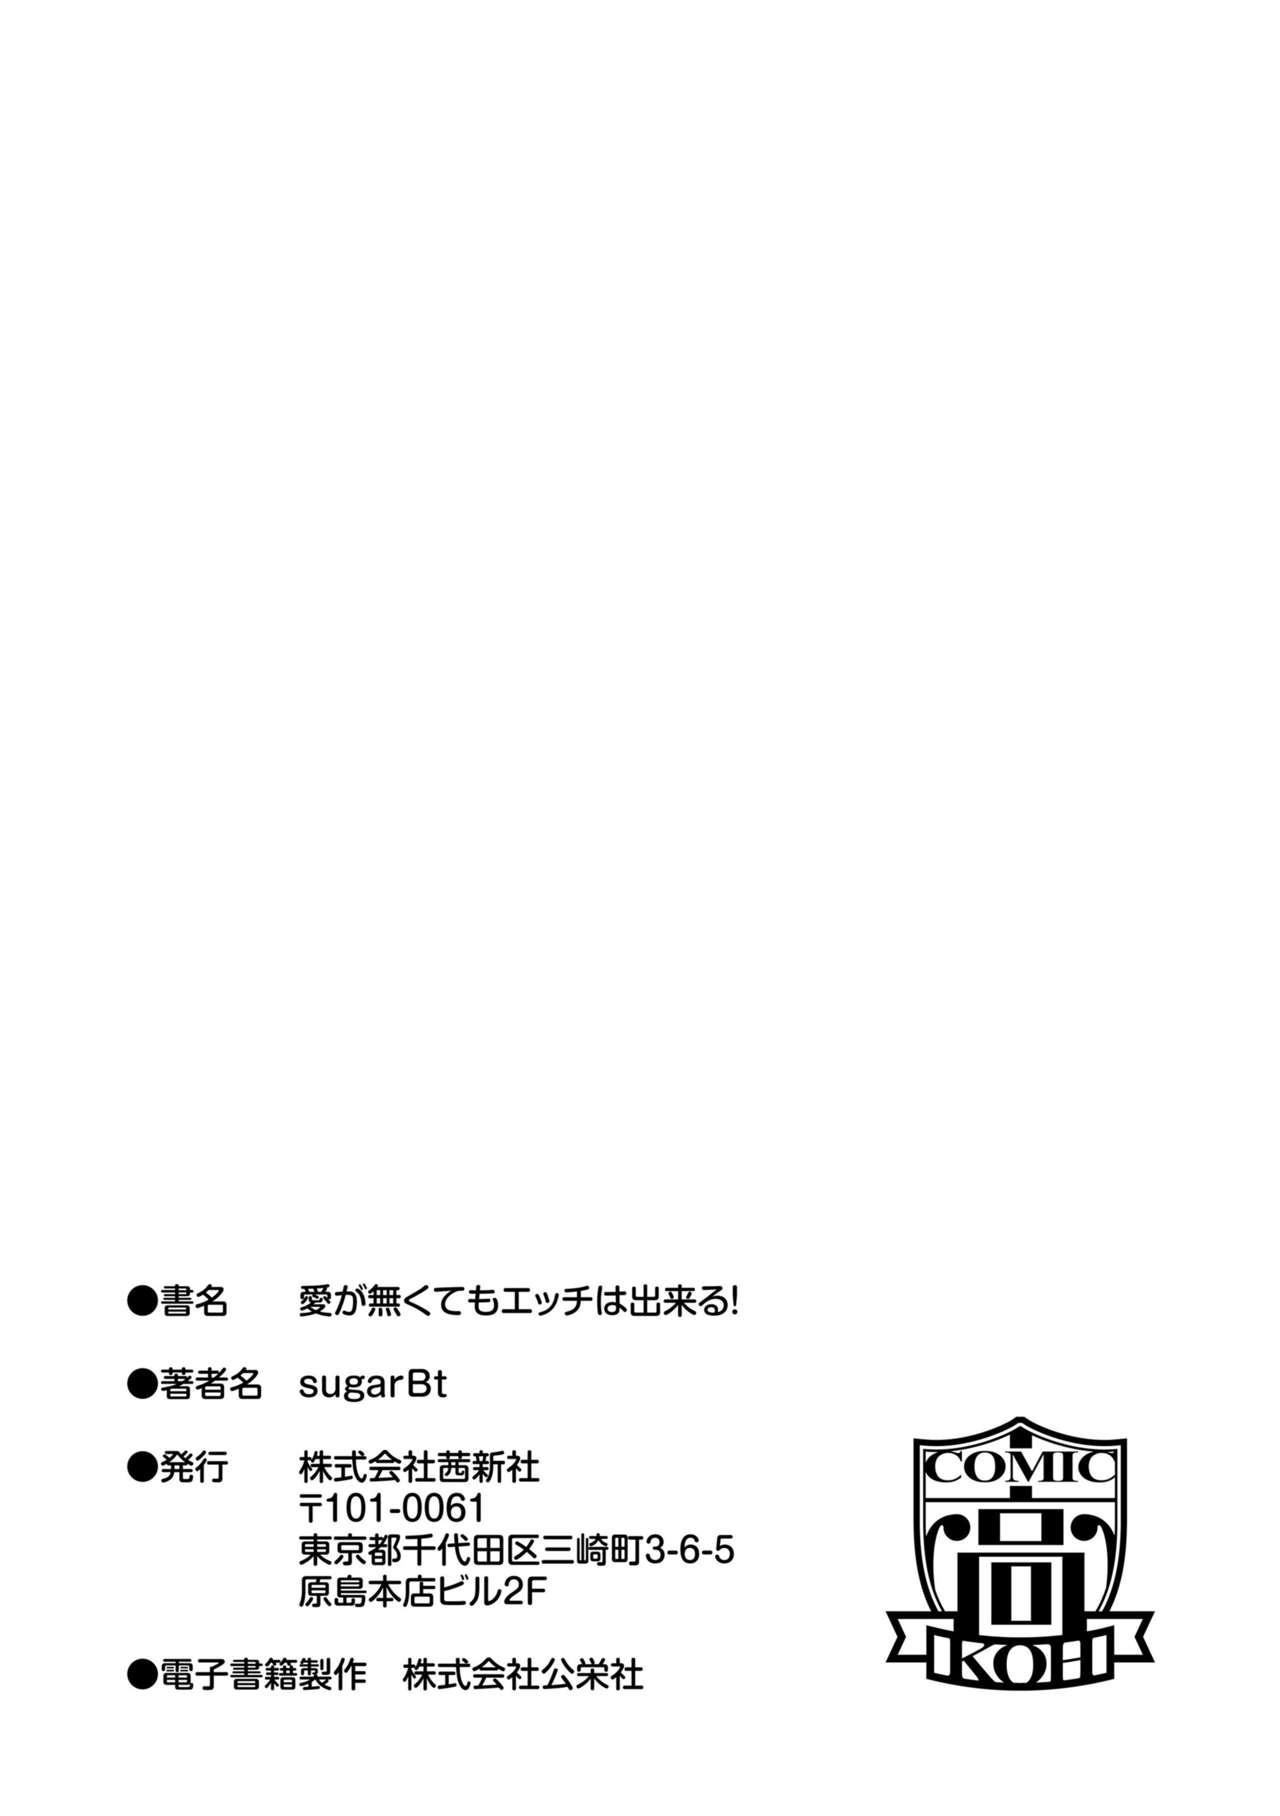 Ai ga Nakutemo Ecchi wa Dekiru! - Even if There is No Love You Can H! 214